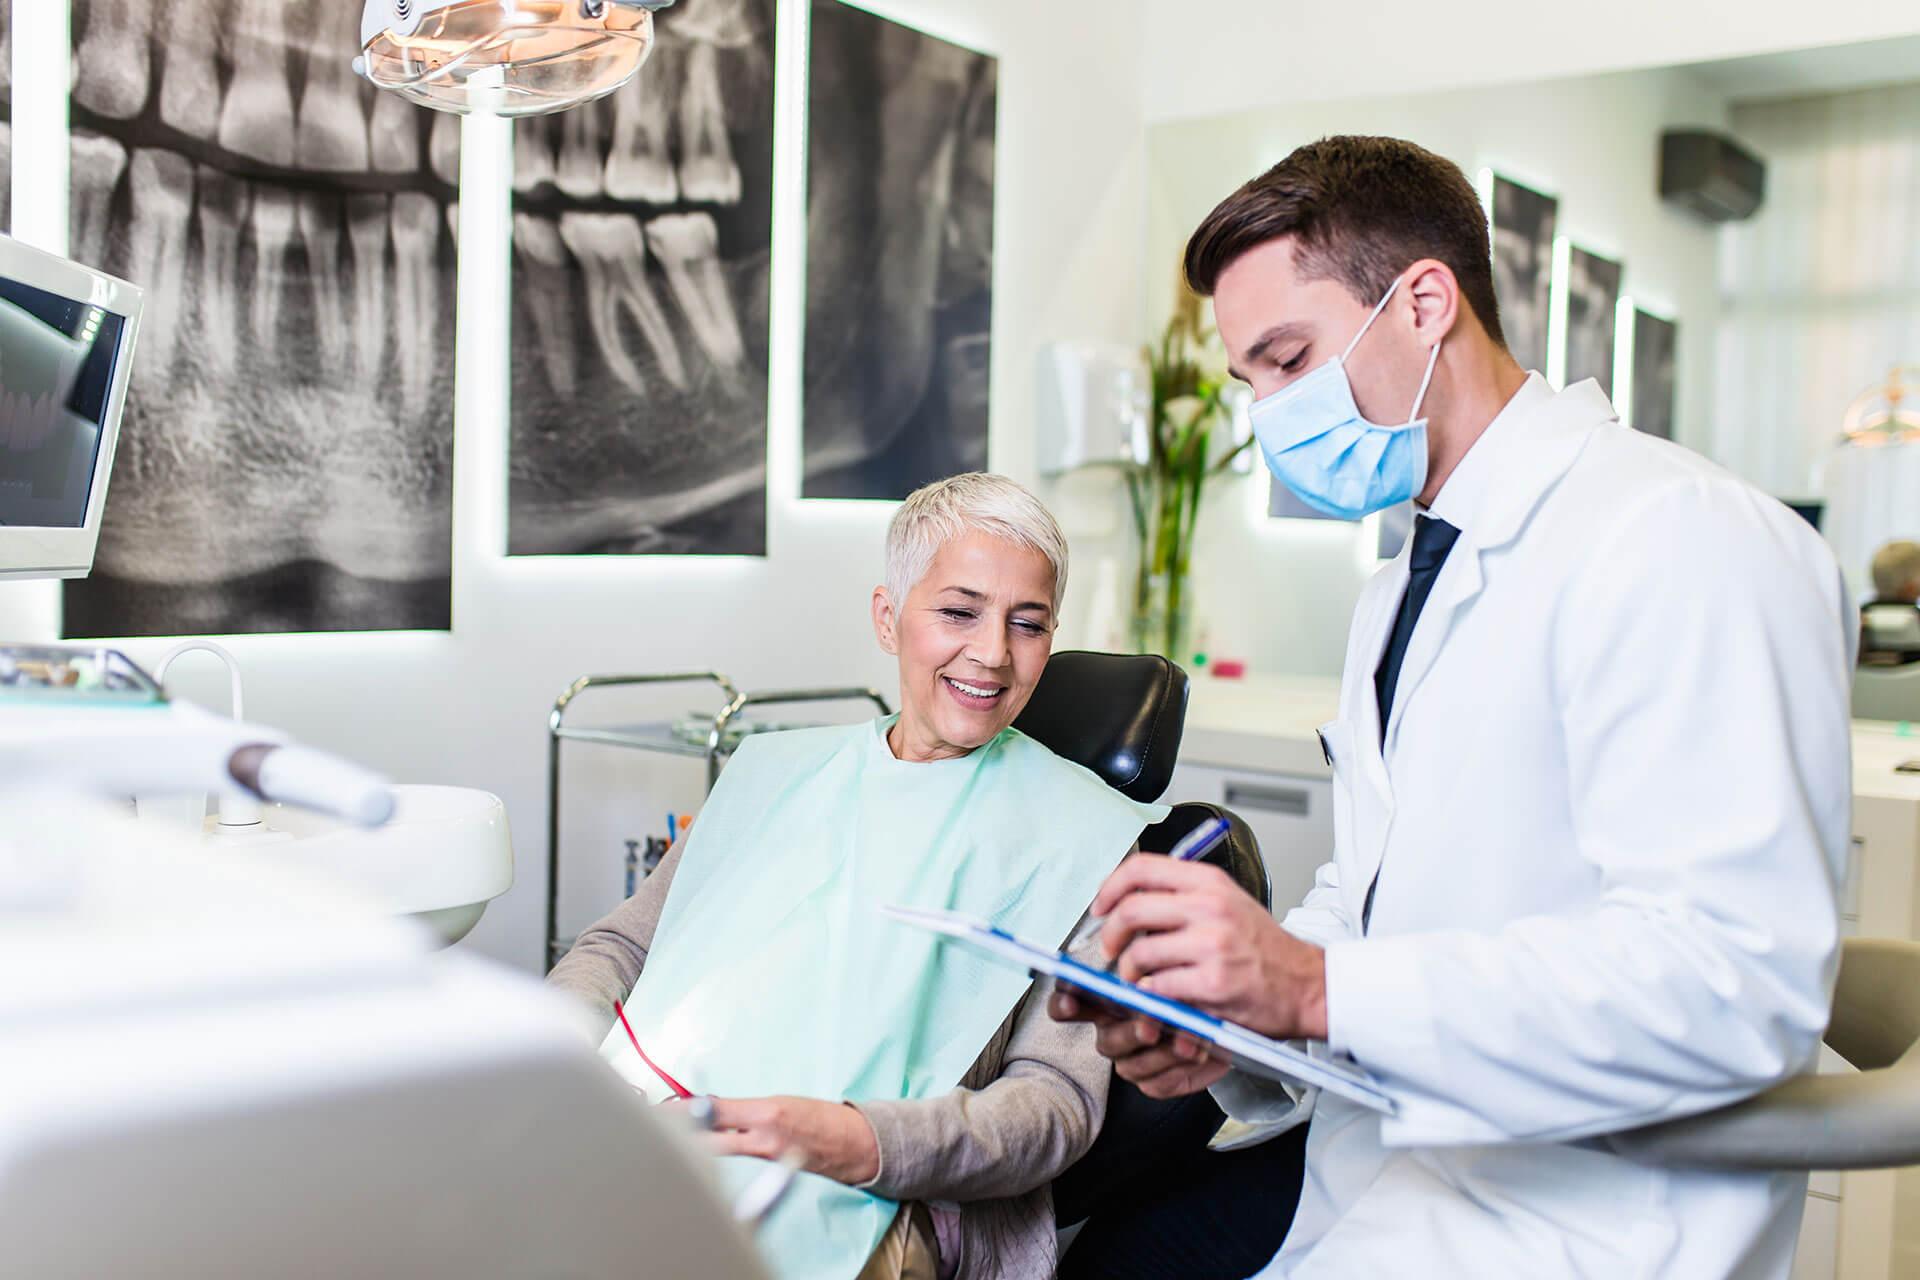 Konzultáció a fogorvosnál